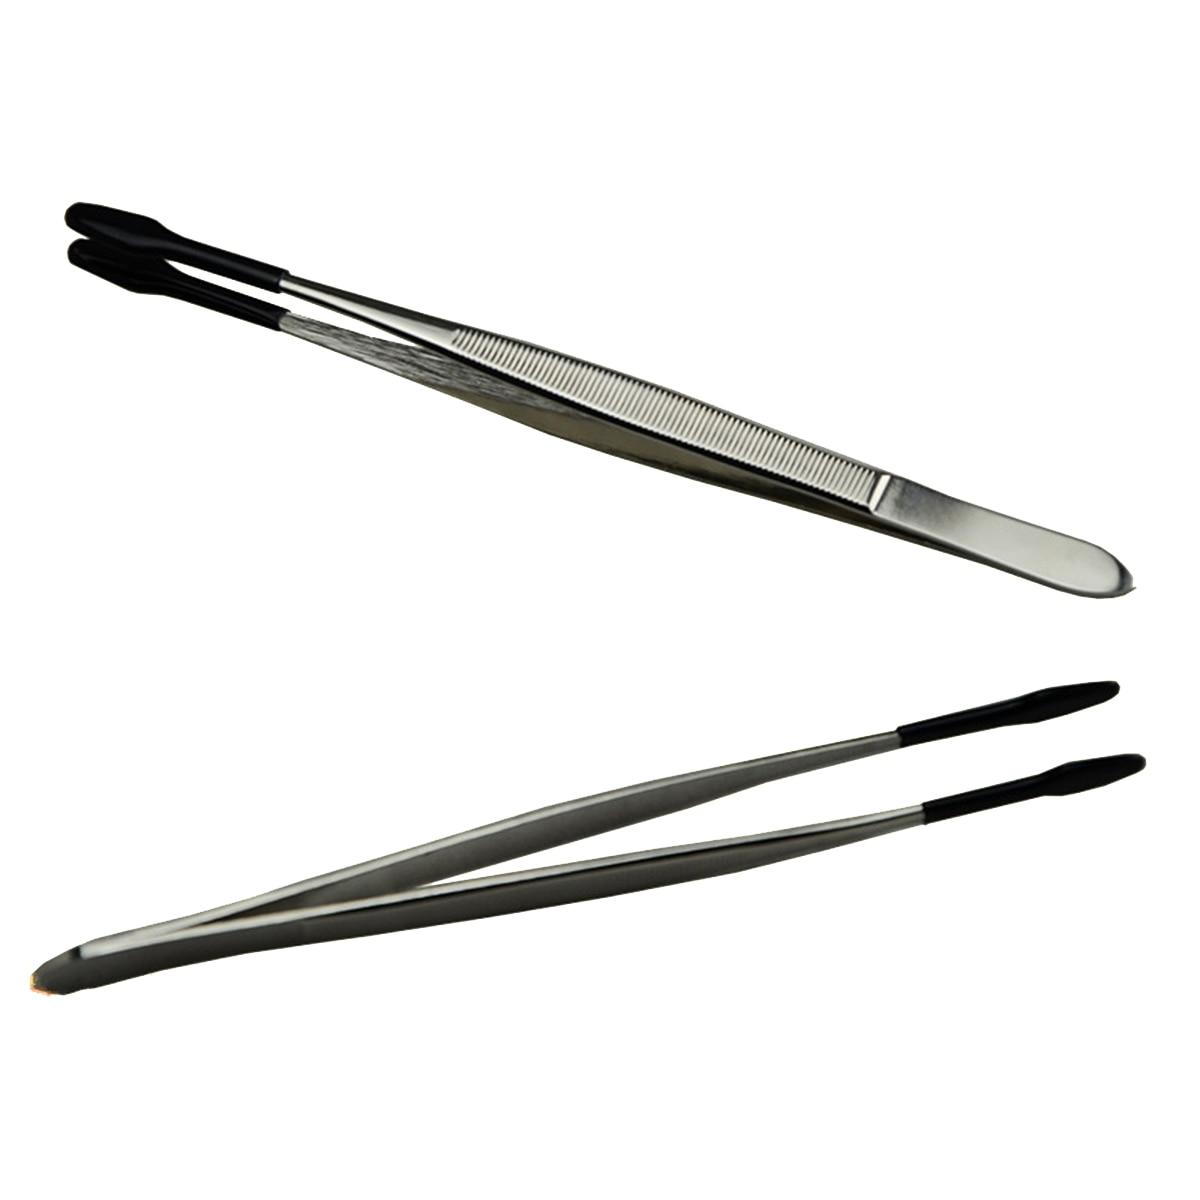 Wafer Tweezers Stainless Steel Tweezers Delicated Chip Wafer Tweezers